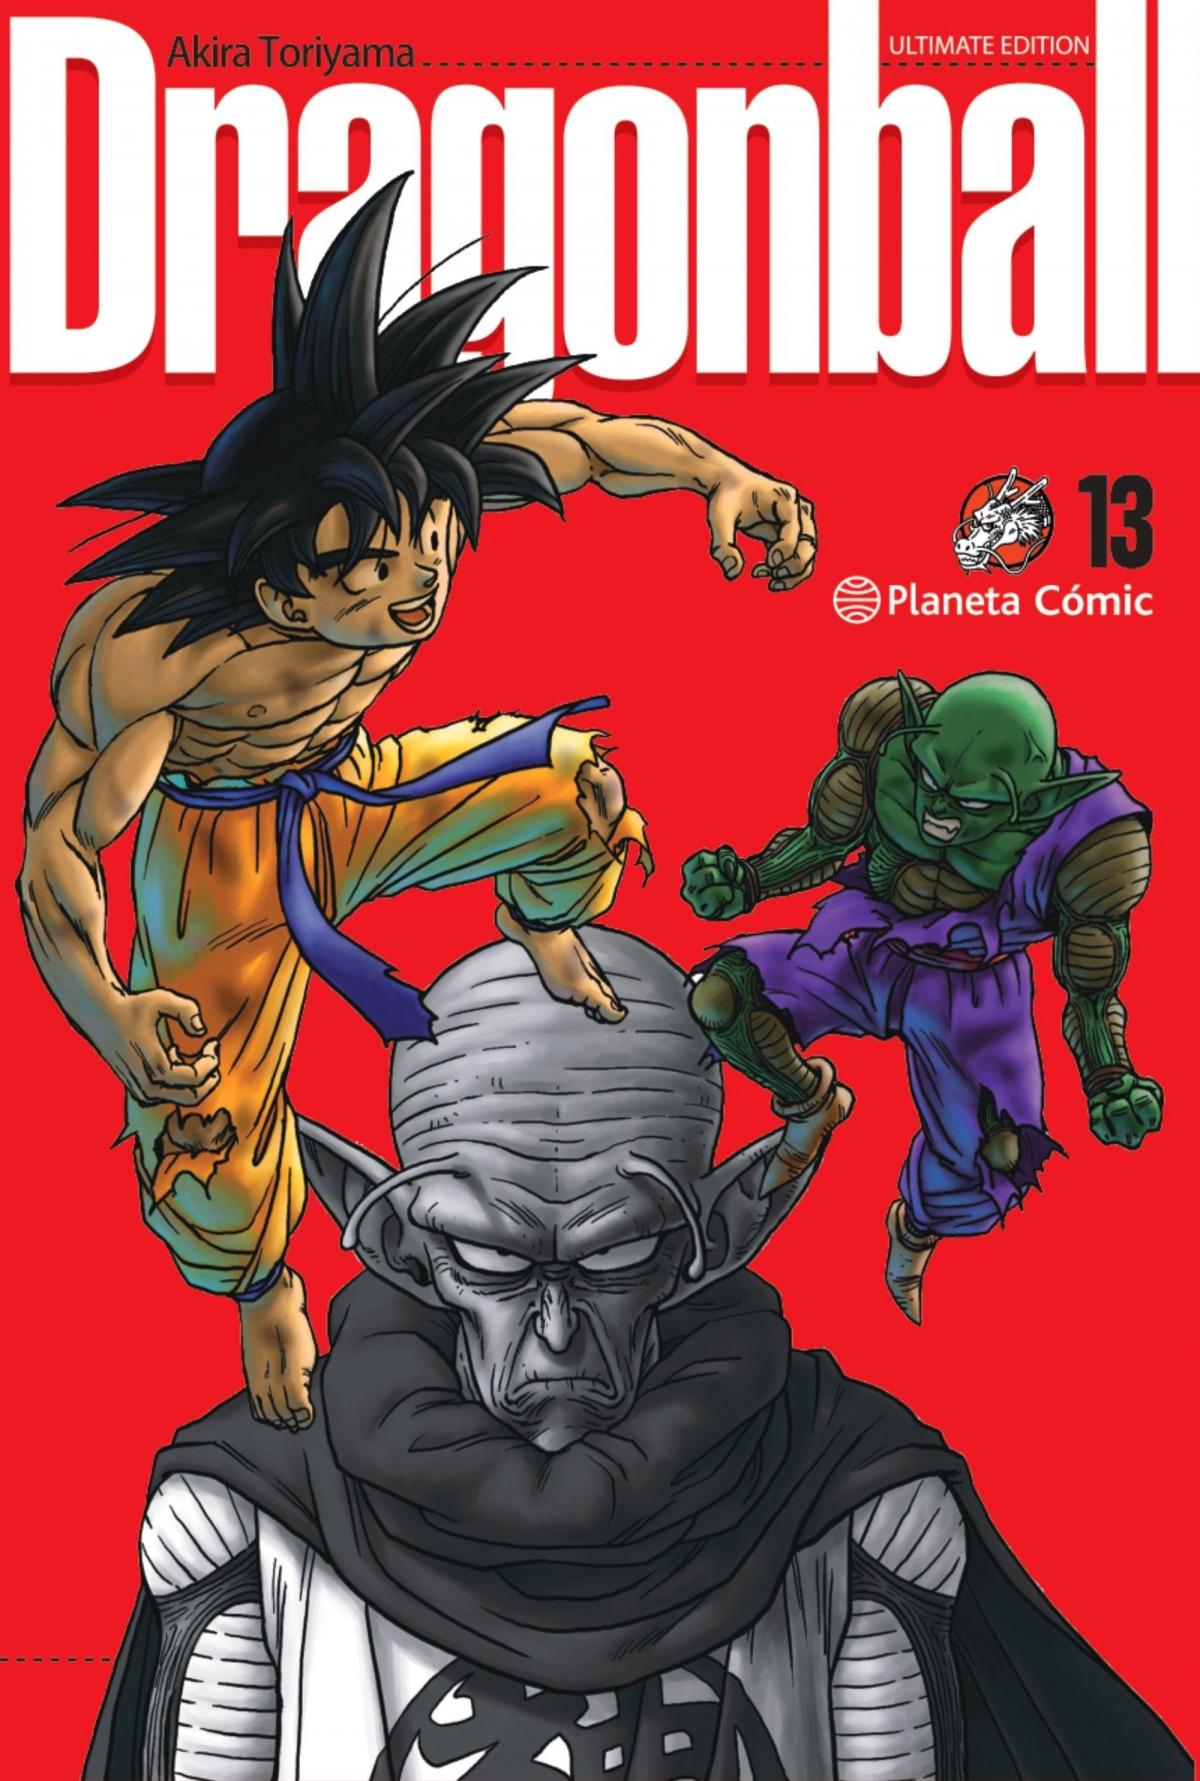 Dragon Ball Ultimate nº 13/34